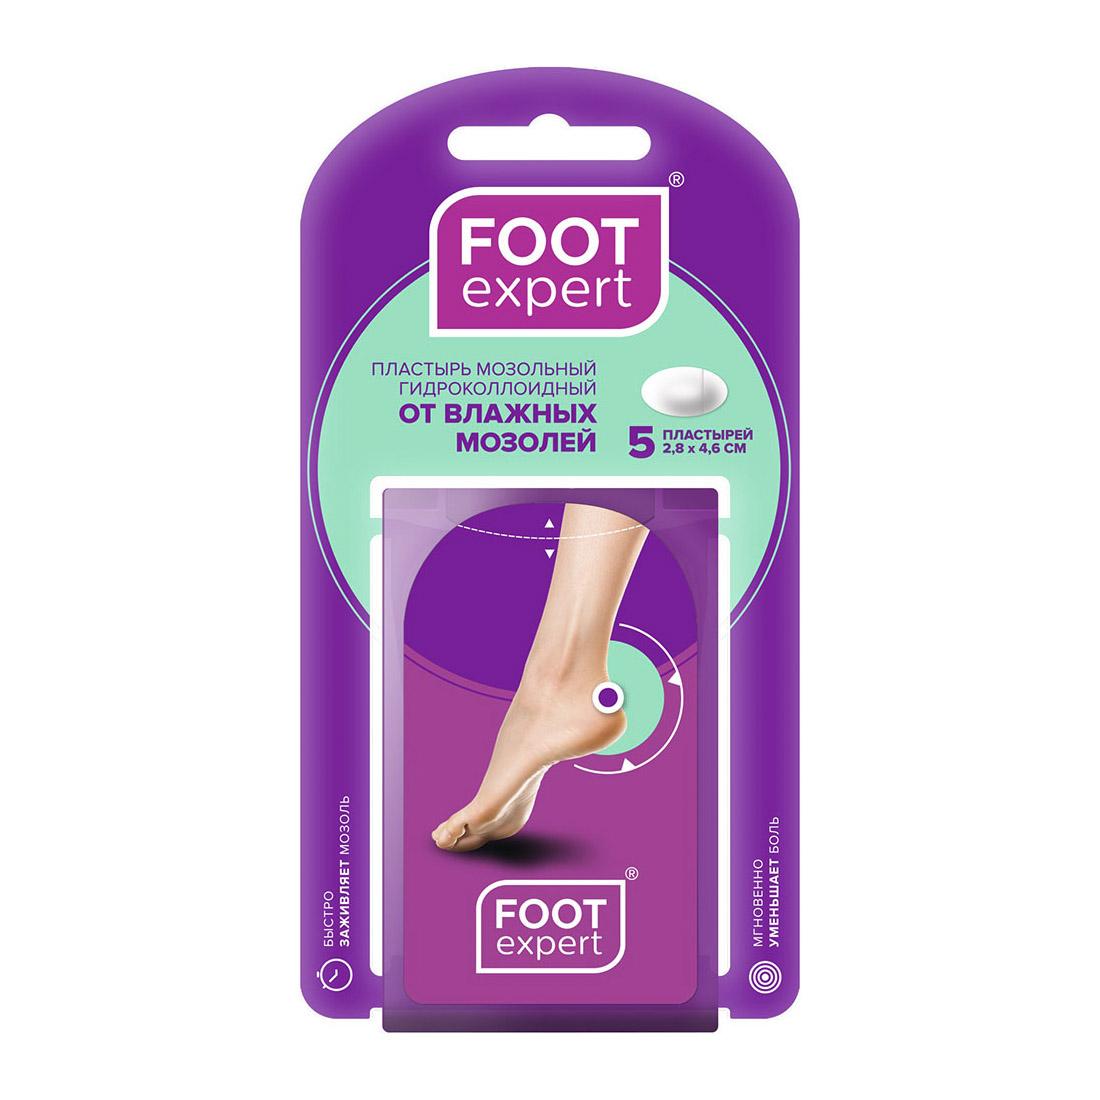 Гидроколлоидный пластырь Foot Expert от влажных мозолей 2,8х4,8 см